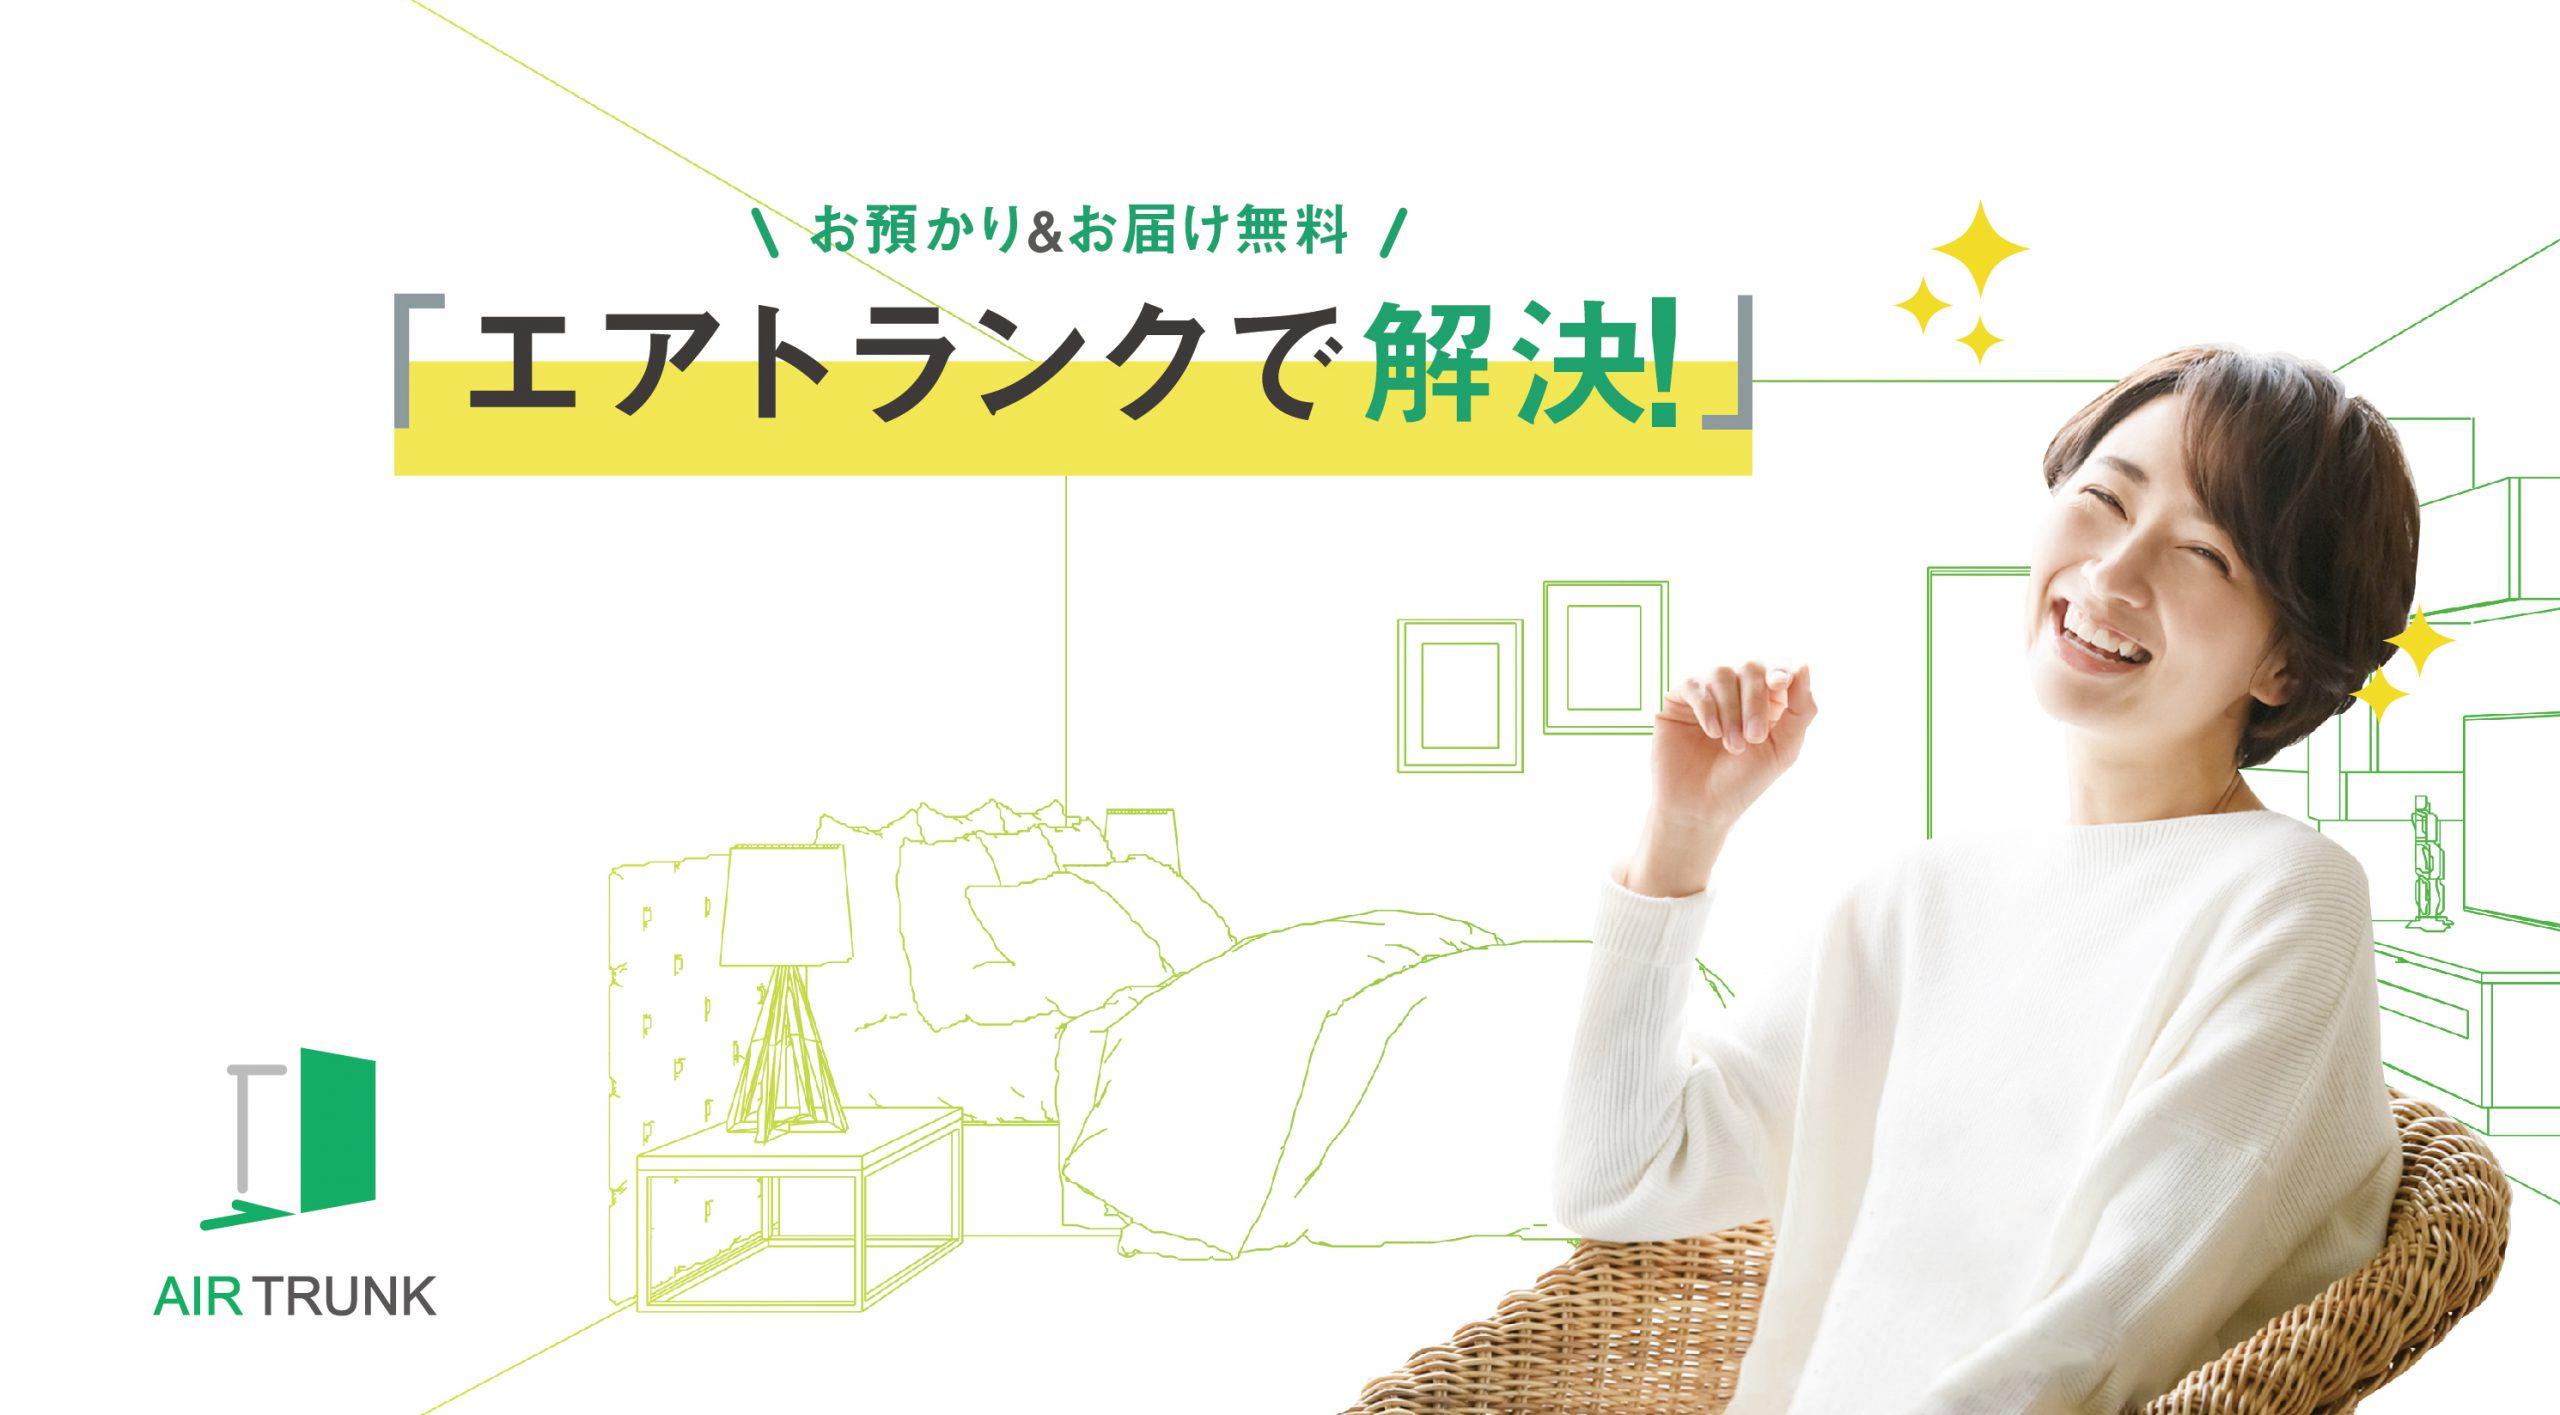 宅配収納サービスを提供するトランコムDSが特典に追加されました